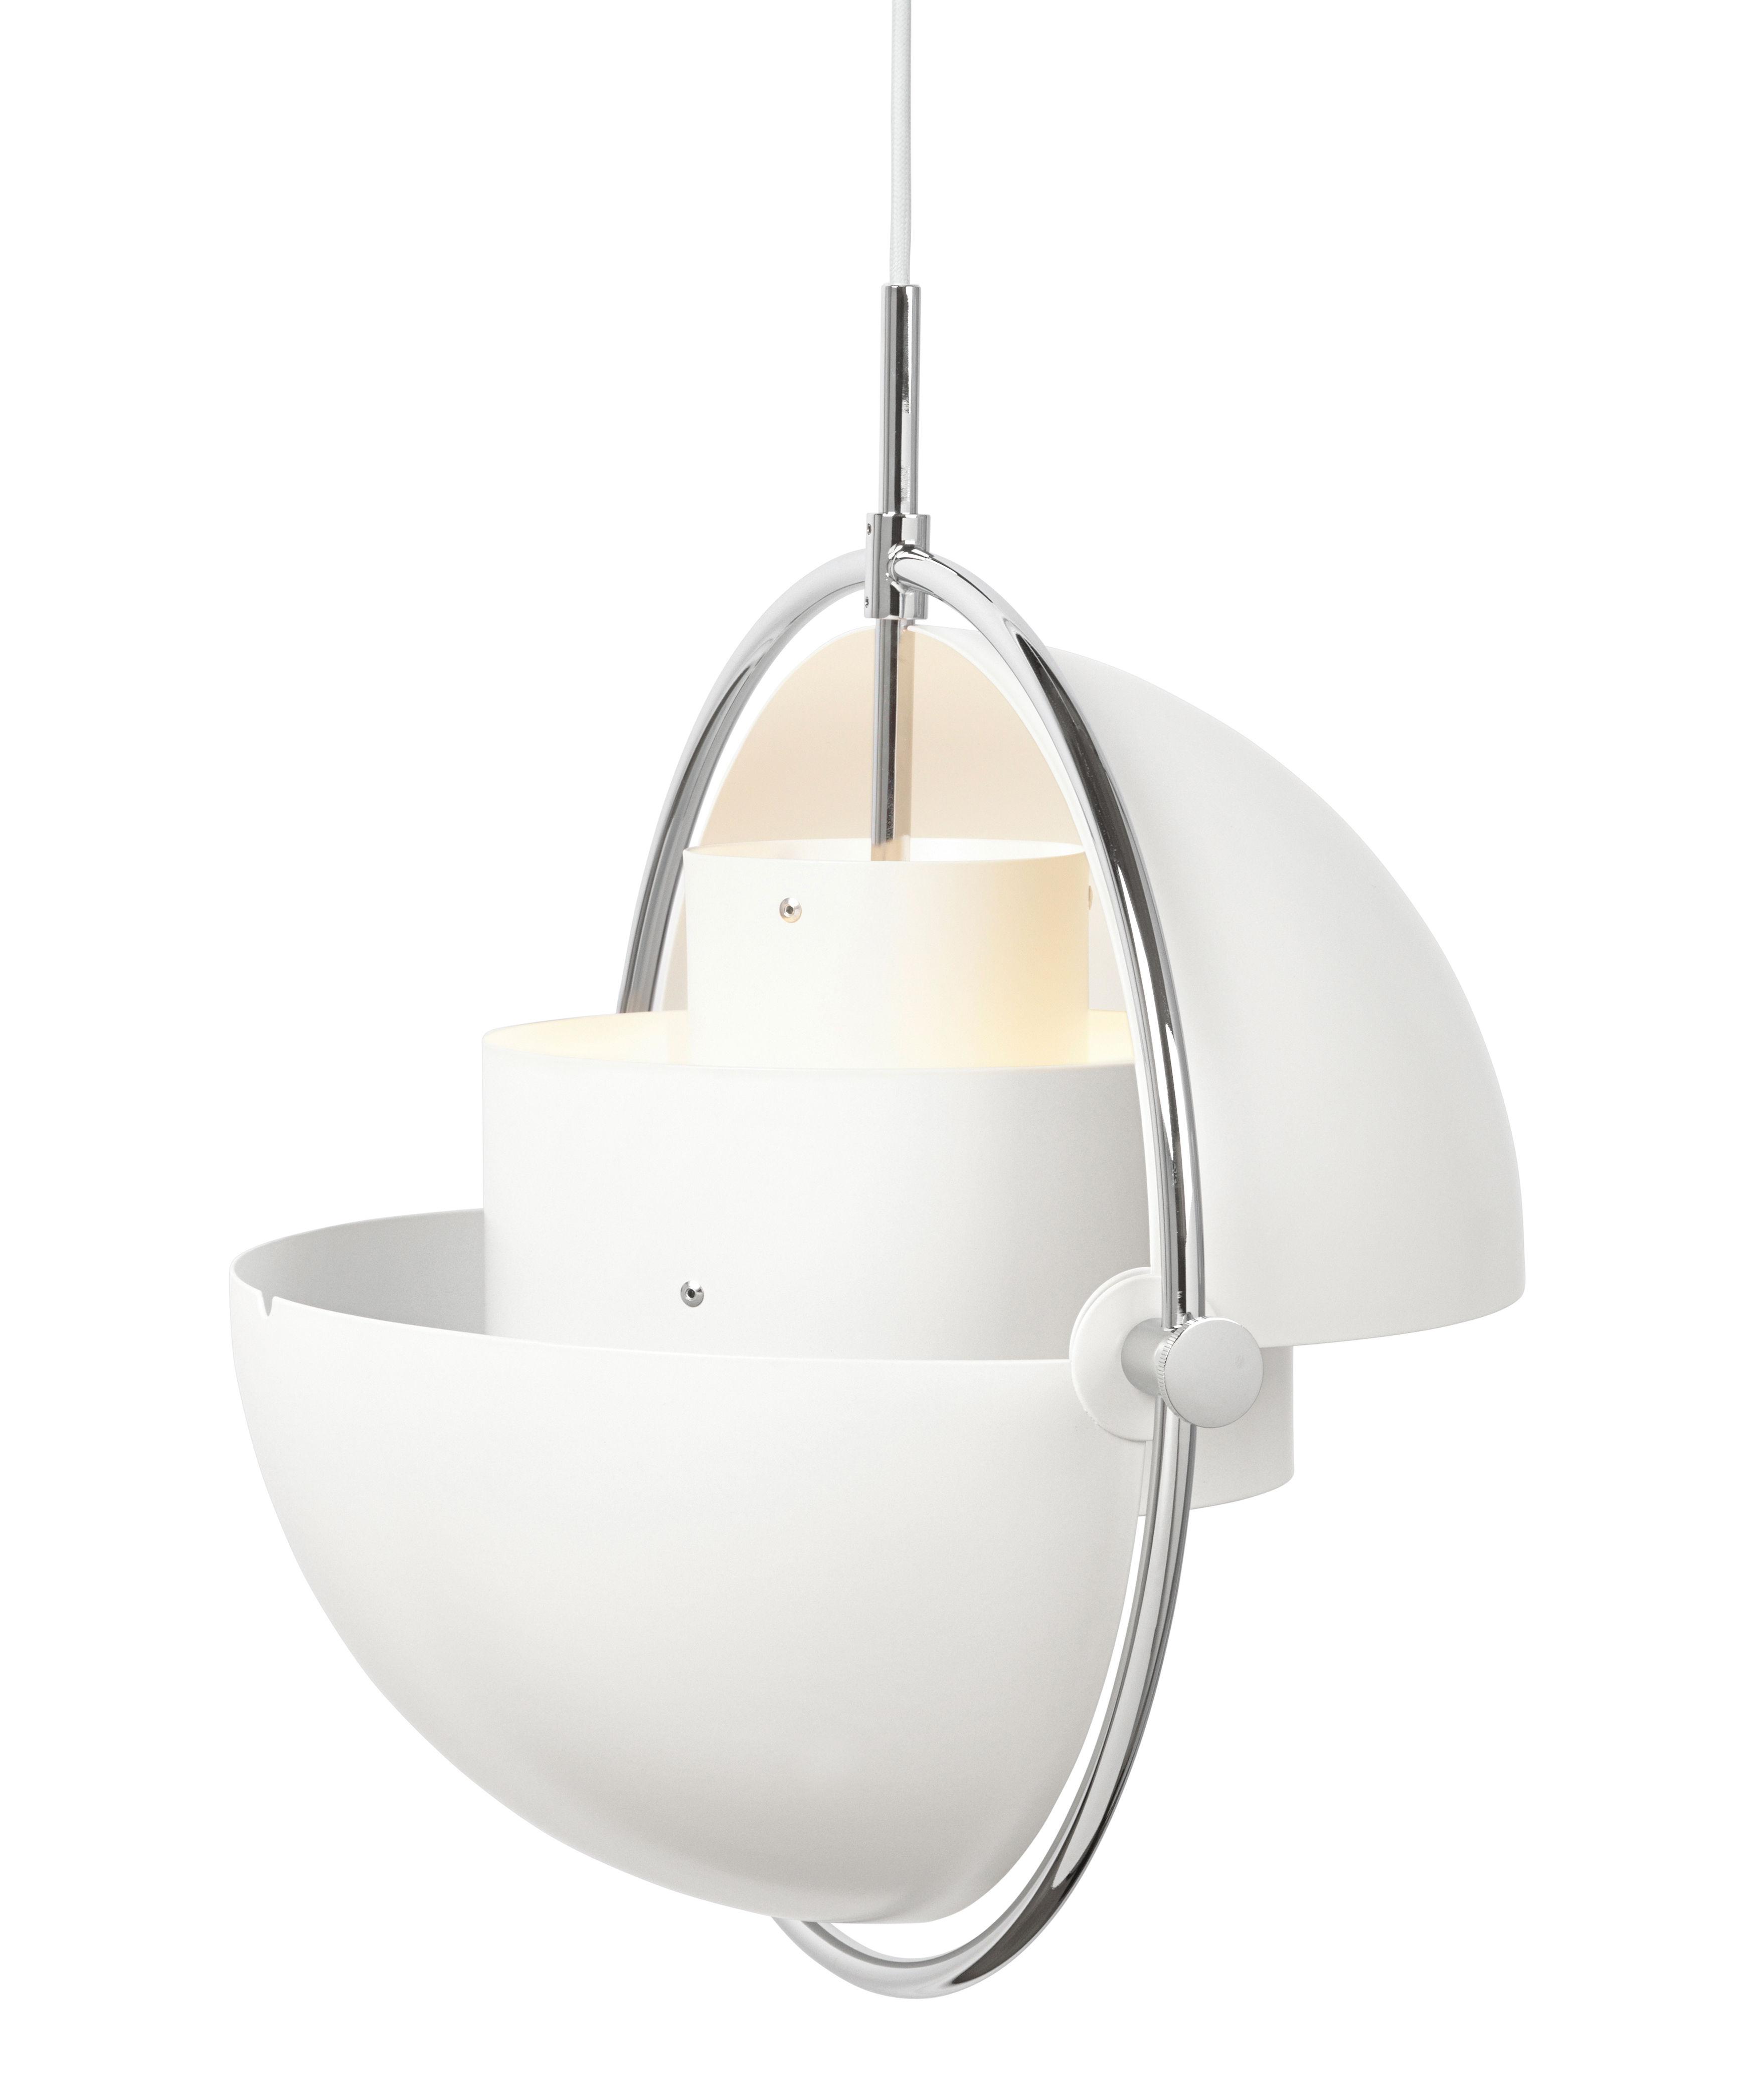 gubi lampe suspension multi lite blanc et chrom m tal. Black Bedroom Furniture Sets. Home Design Ideas